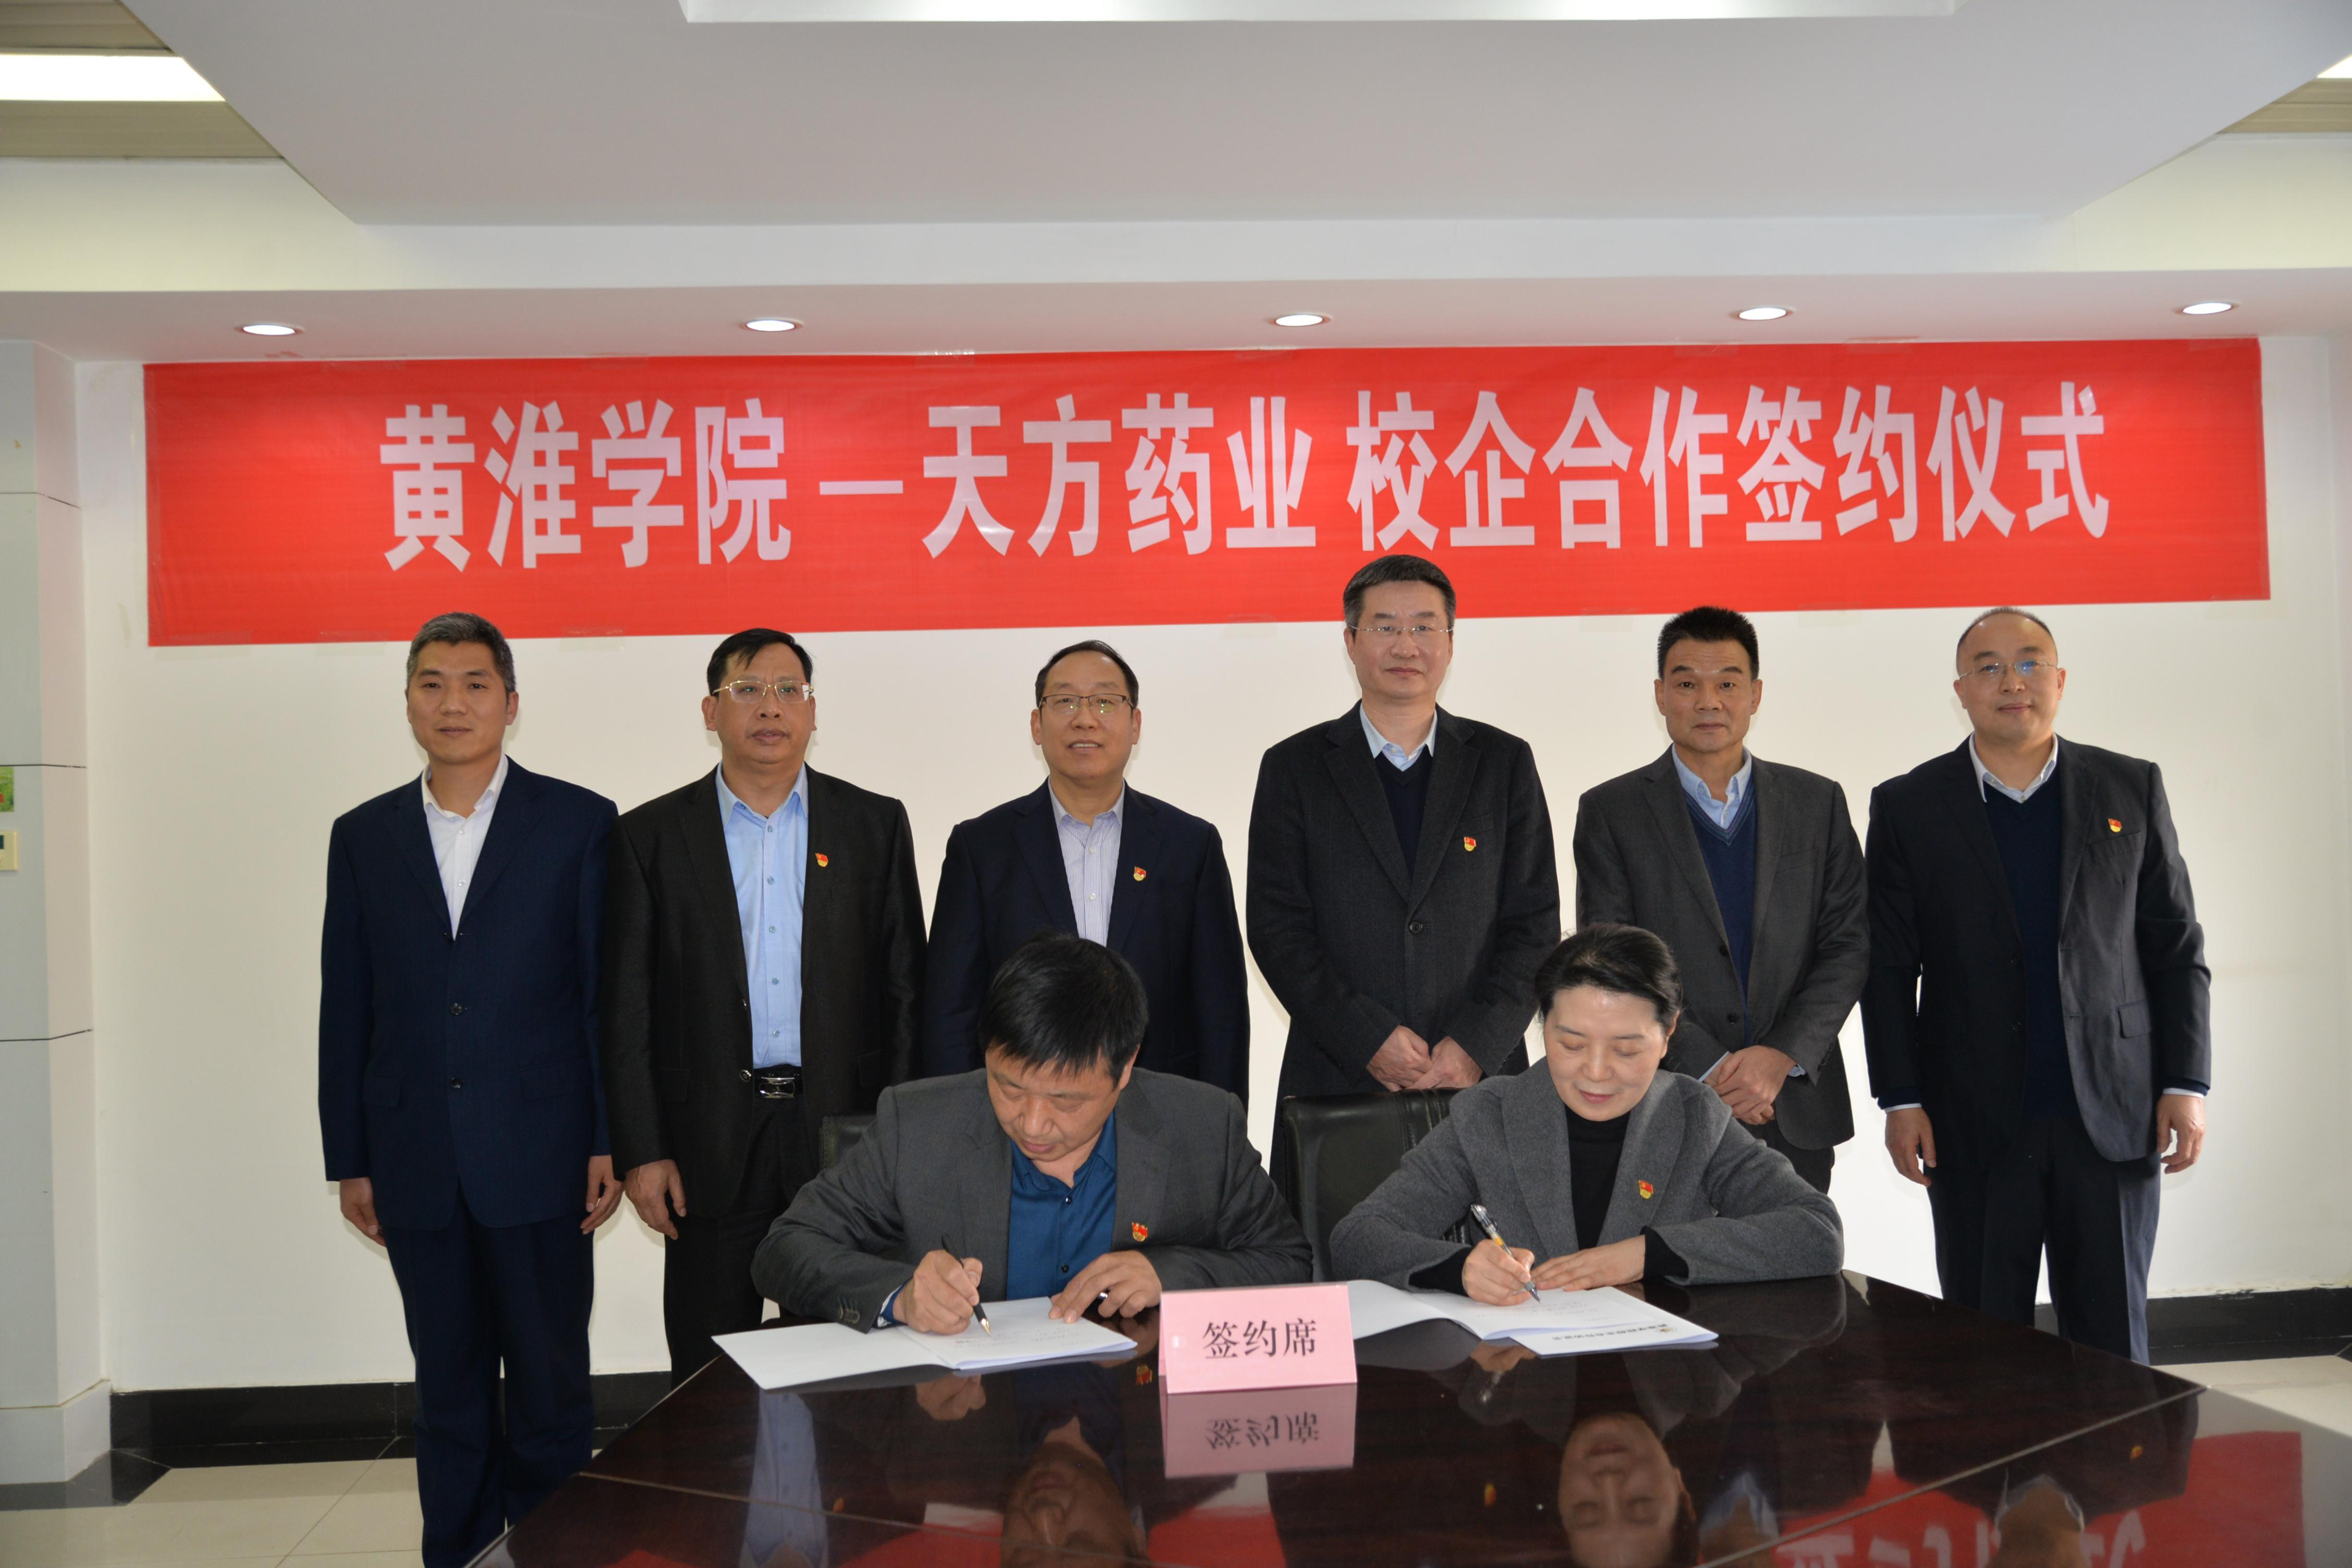 永青药房与黄淮学院签署战略合作框架协议